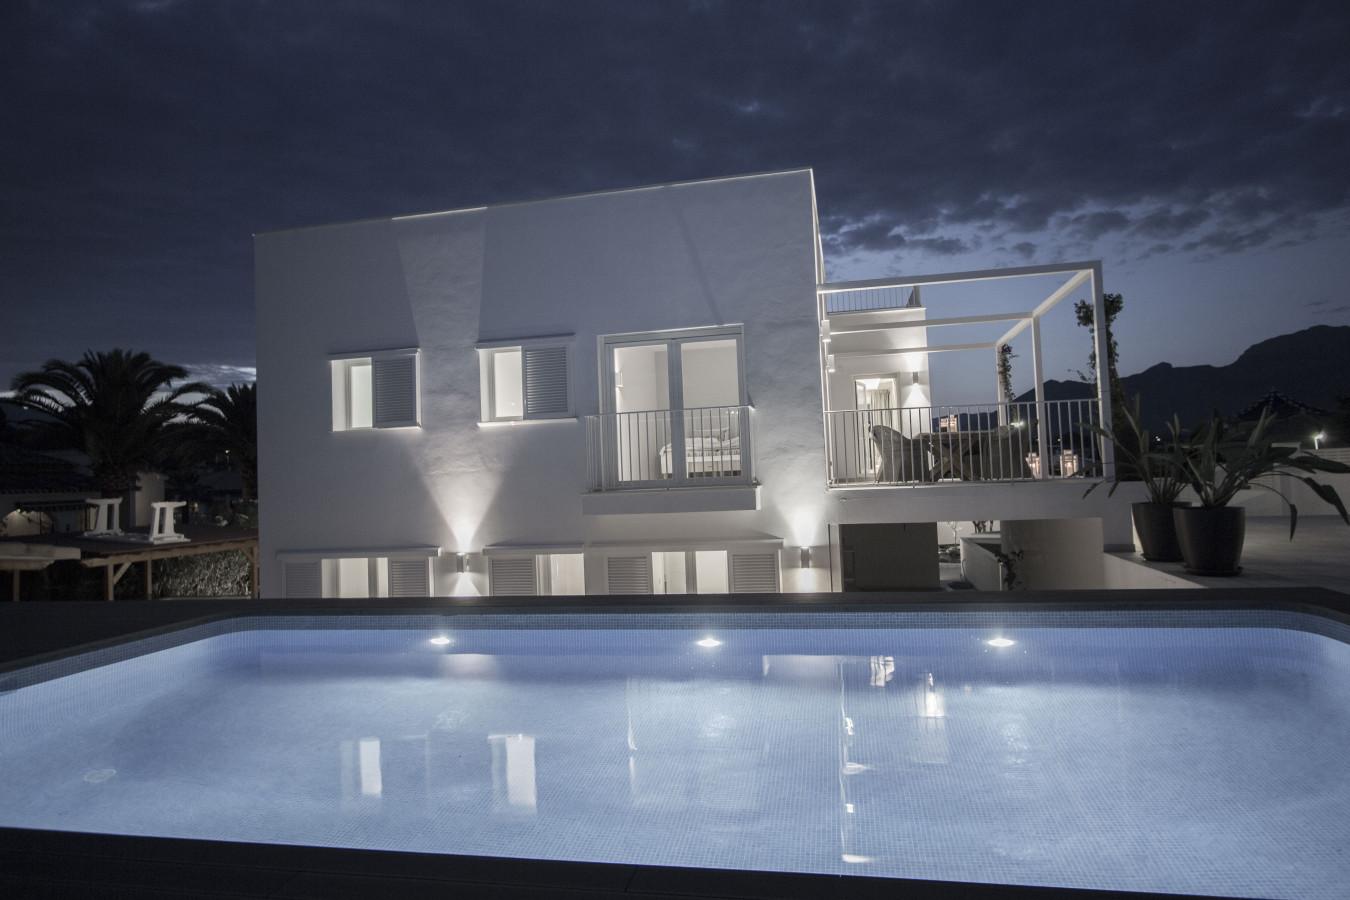 Vivienda Alfaz del Pi_María Jesús Mora_Arquitecto_Alicante 20